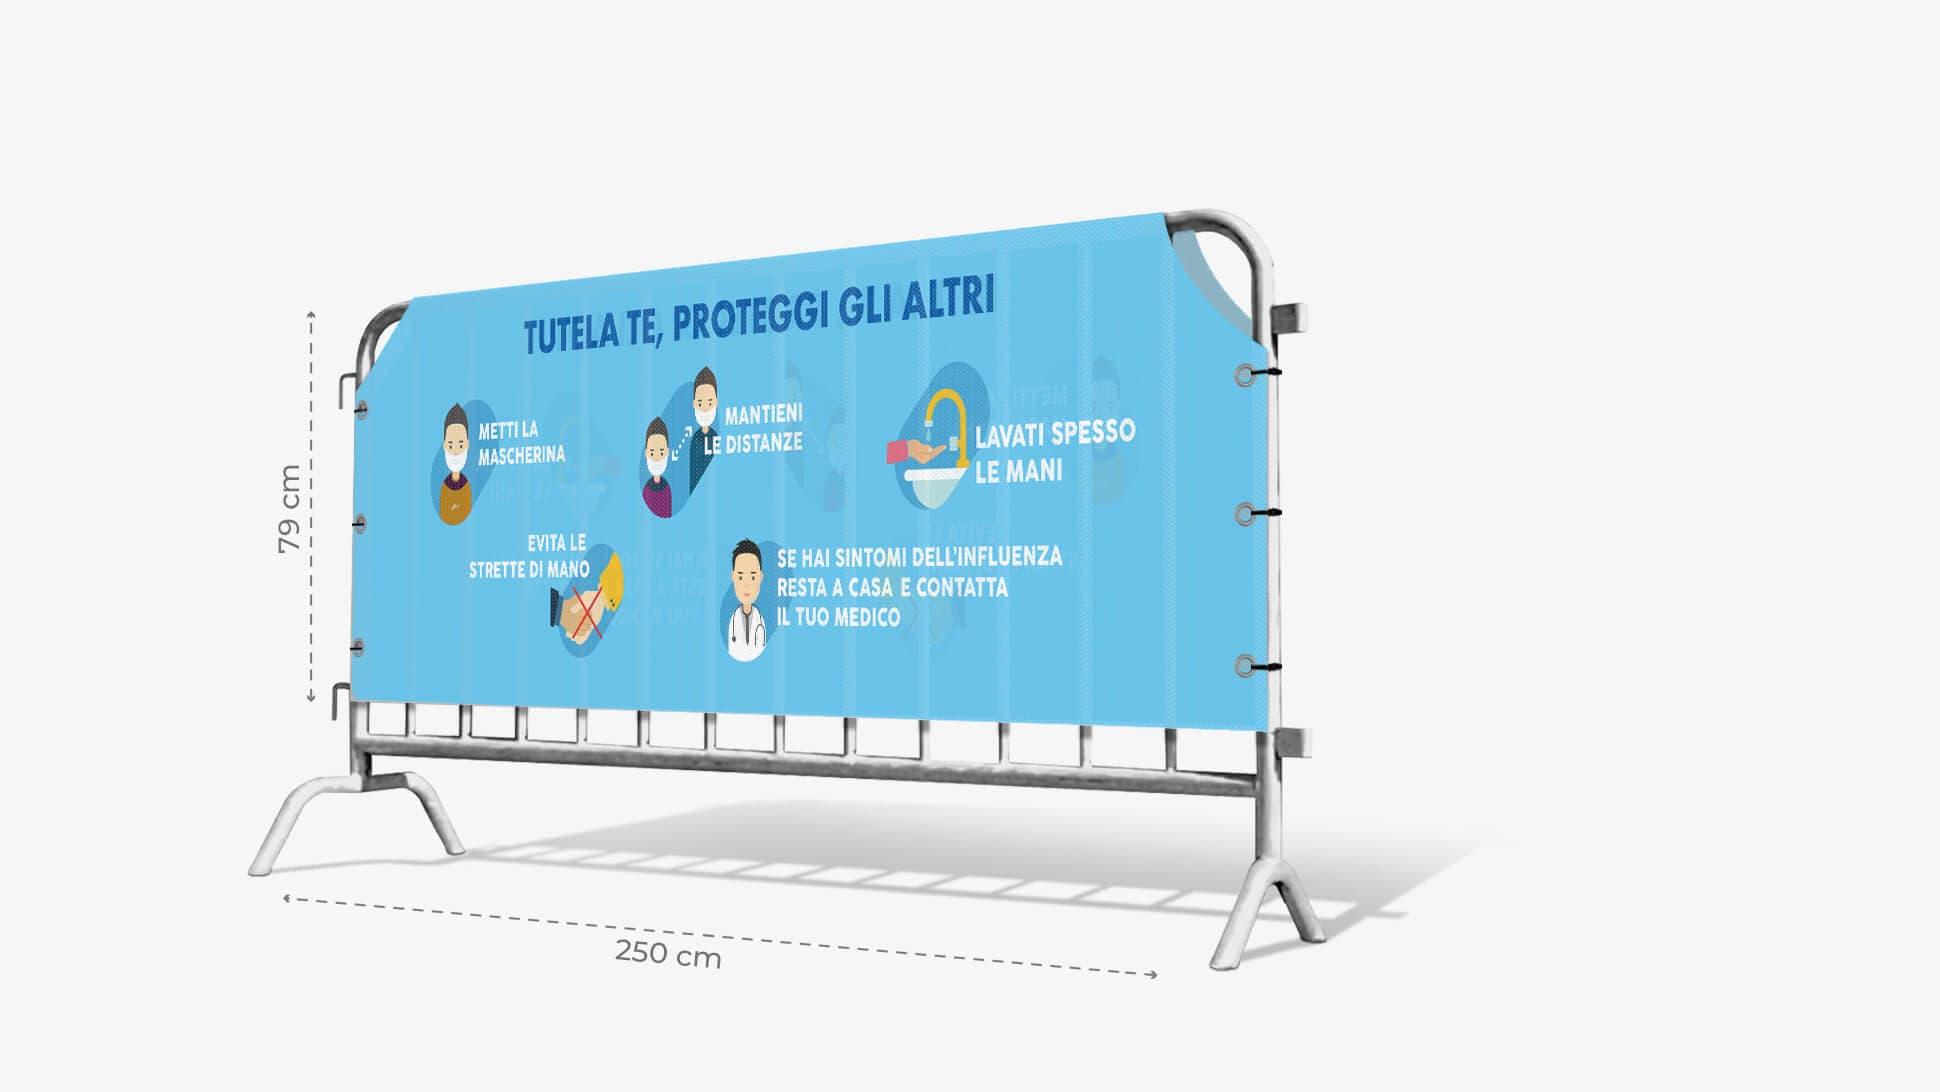 Copritransenna in TNT con grafica prestampata con indicazioni per la sicurezza| tictac.it